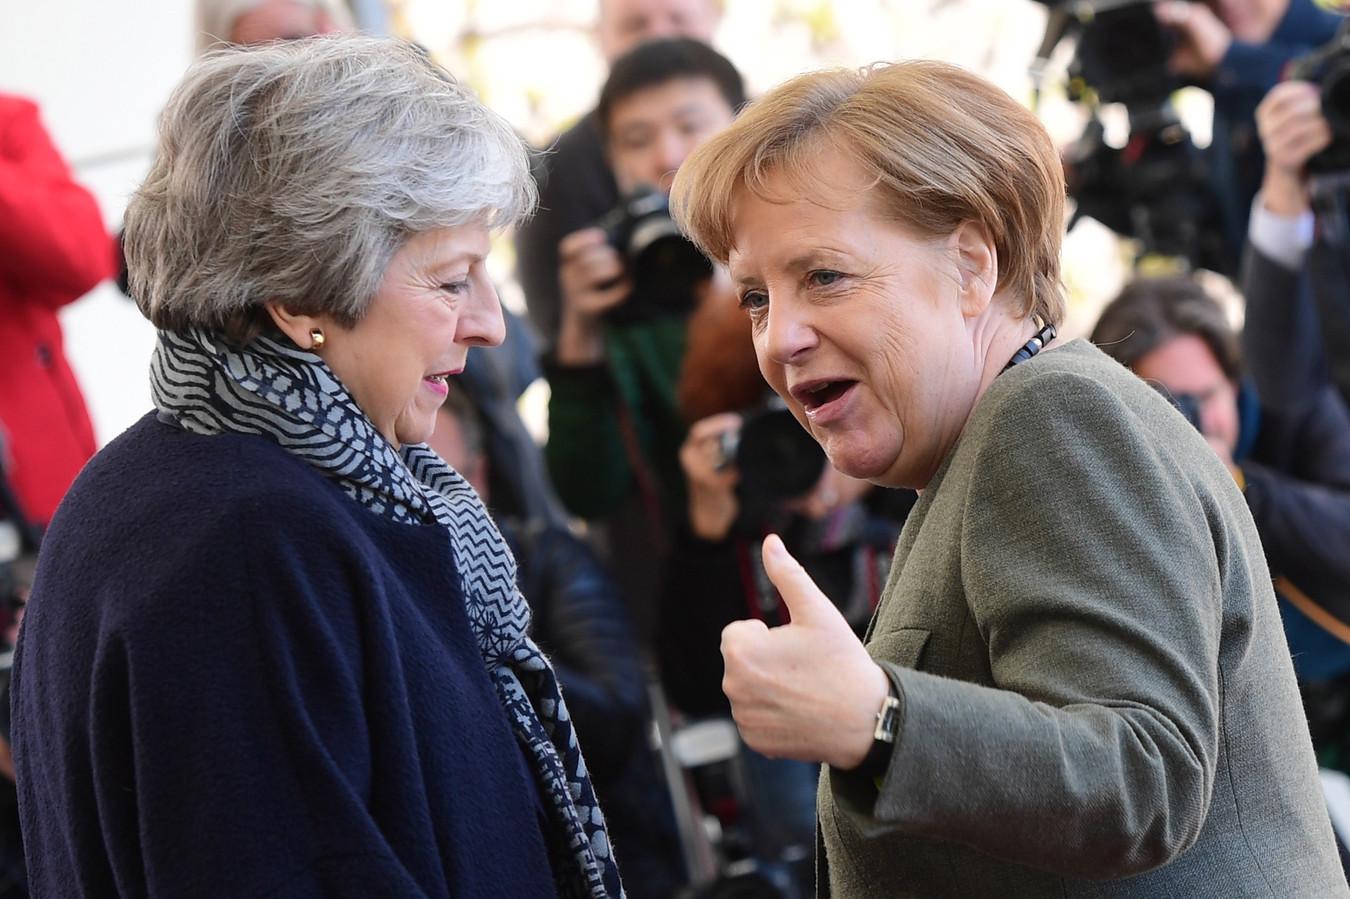 La Première ministre britannique Theresa May et la chancelière allemande Angela Merkel (Berlin, 9 avril)